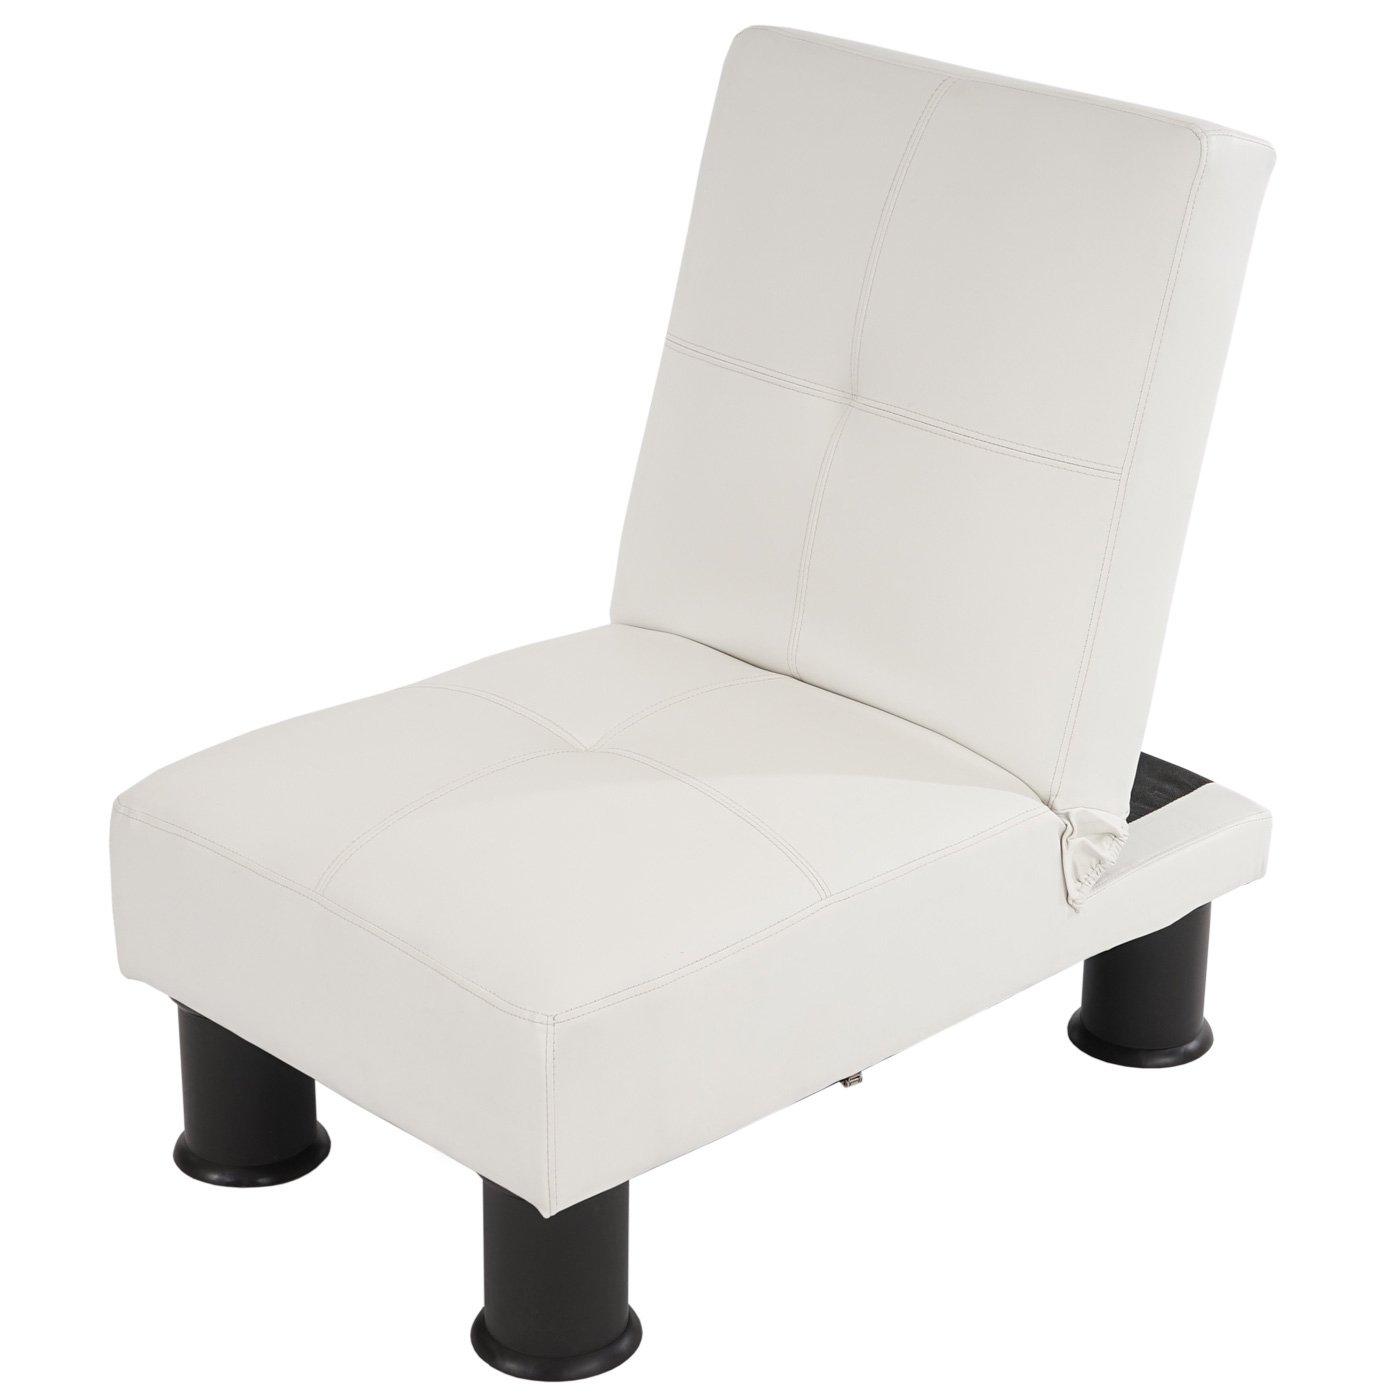 f0798cf1c Lote 3 modulos Sofa Cama MELBOURNE II en Piel color blanco - Homy.es